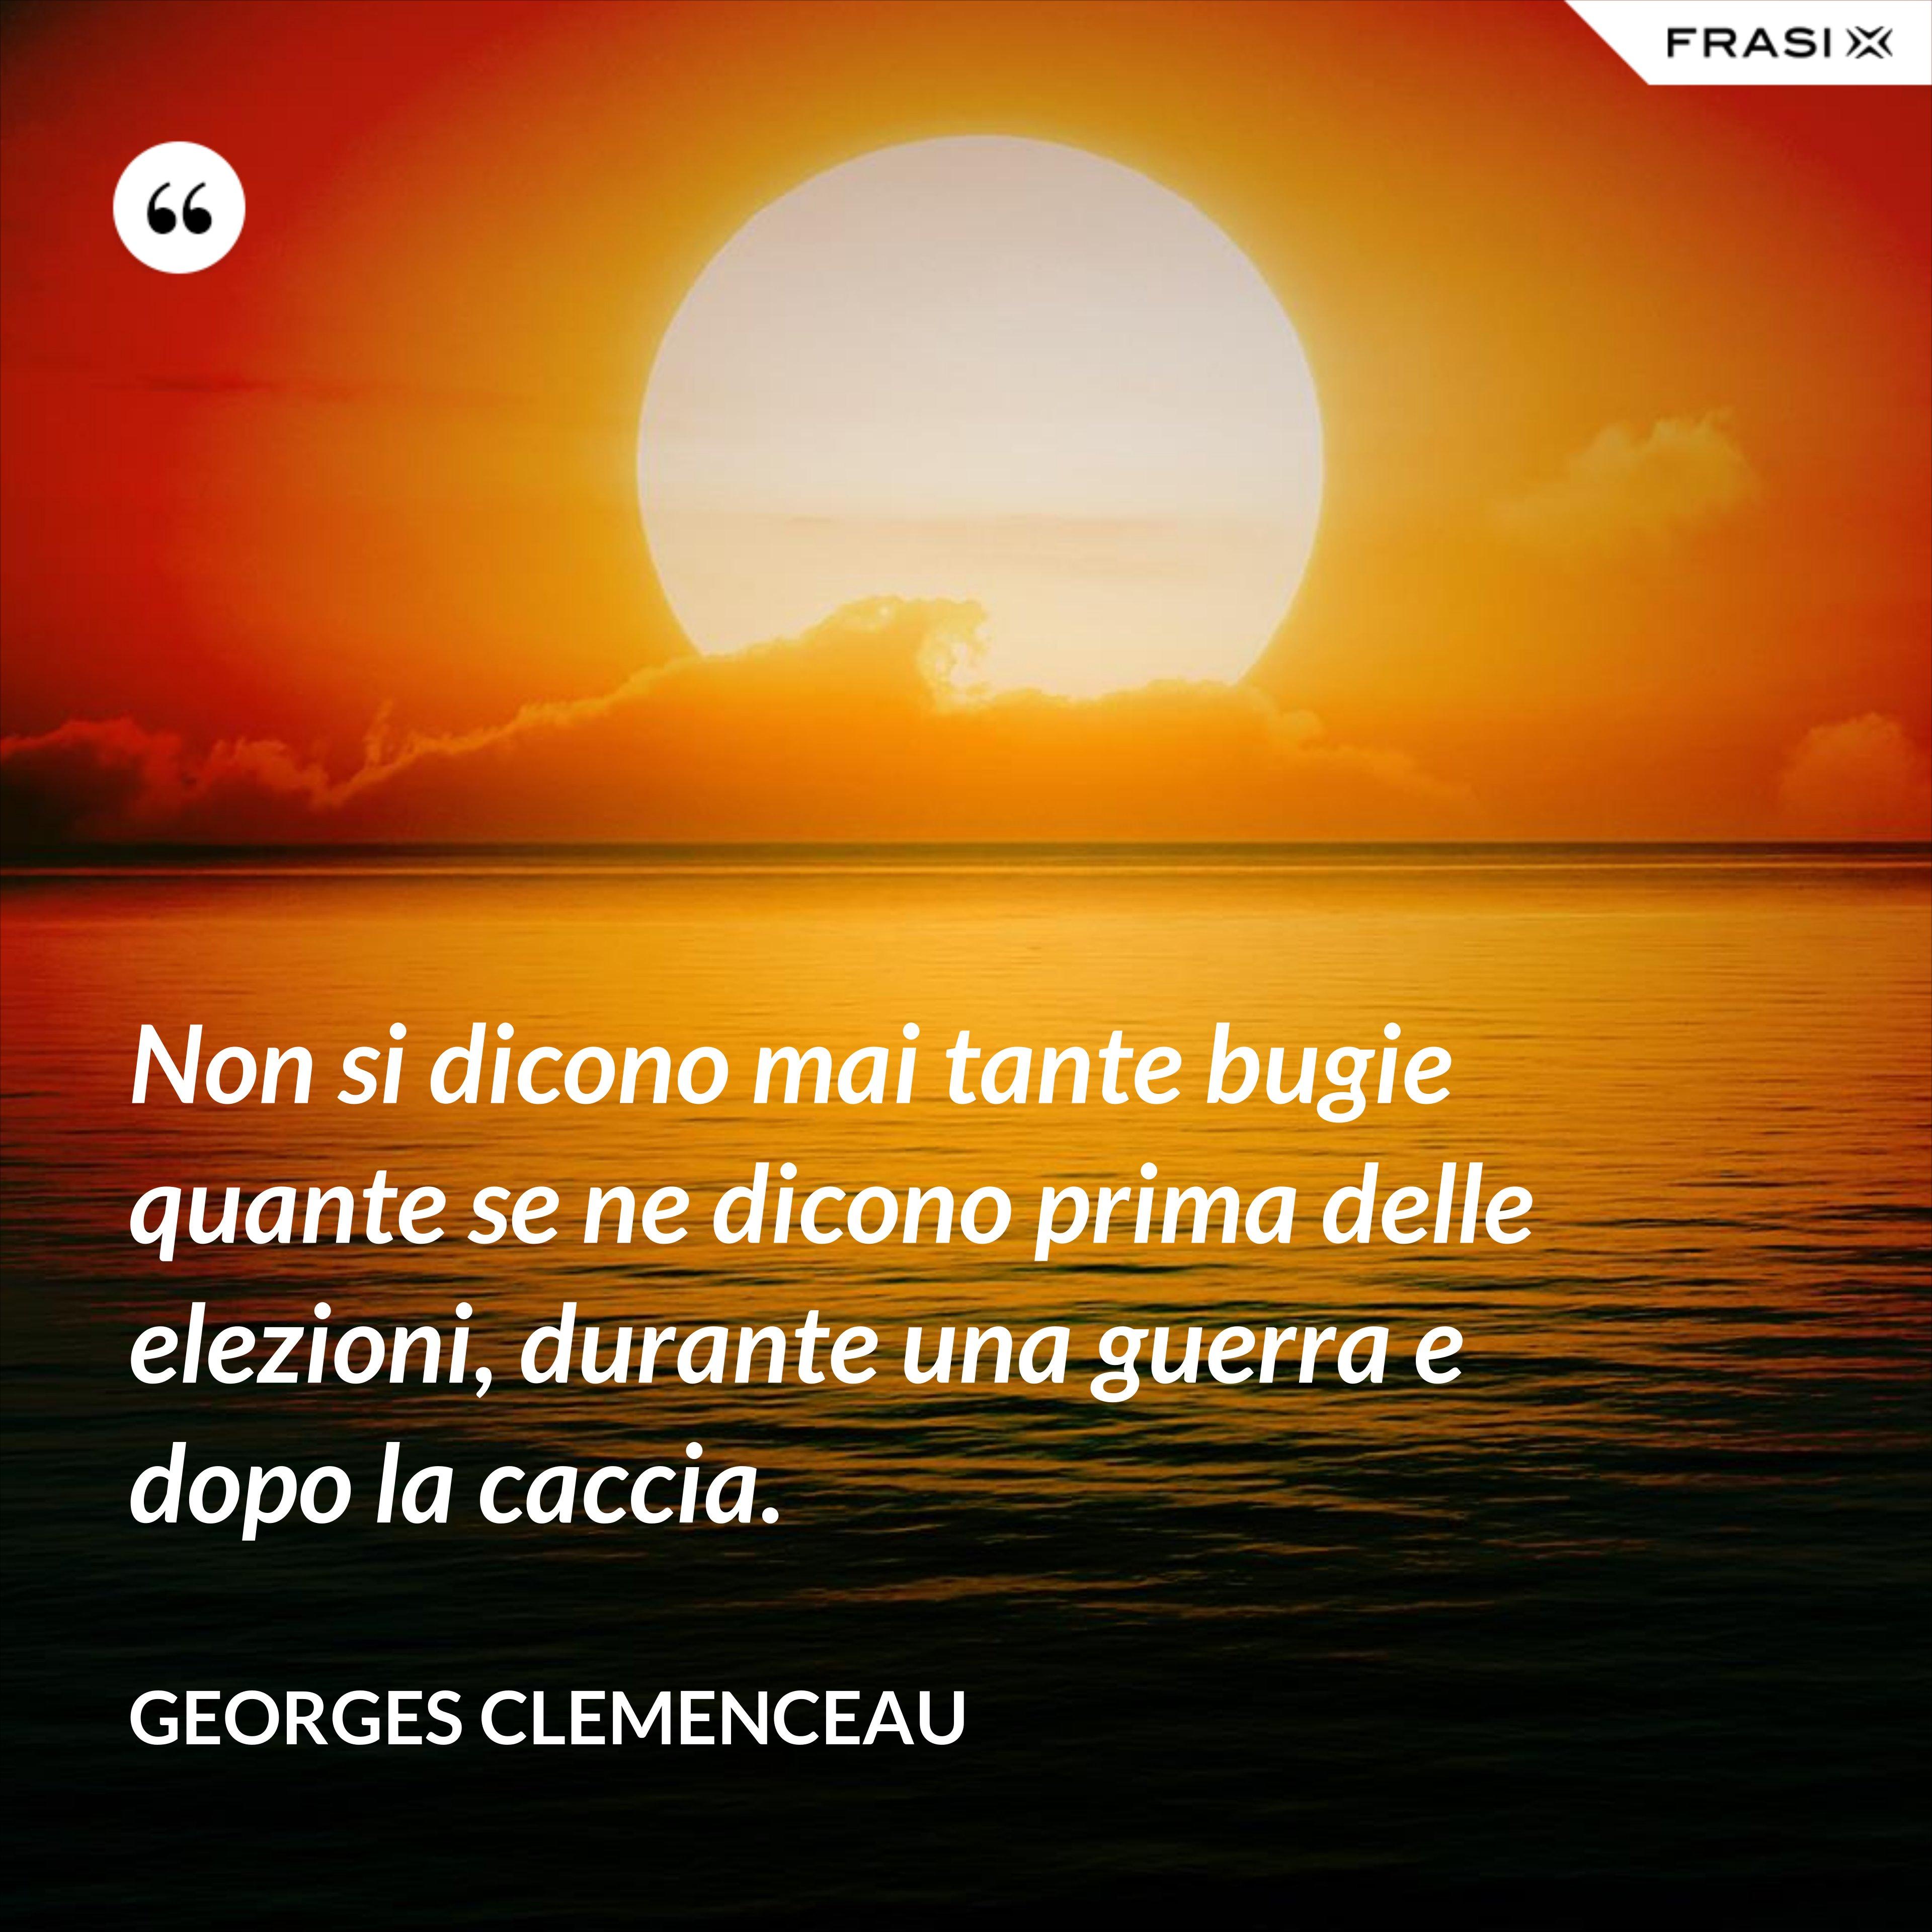 Non si dicono mai tante bugie quante se ne dicono prima delle elezioni, durante una guerra e dopo la caccia. - Georges Clemenceau